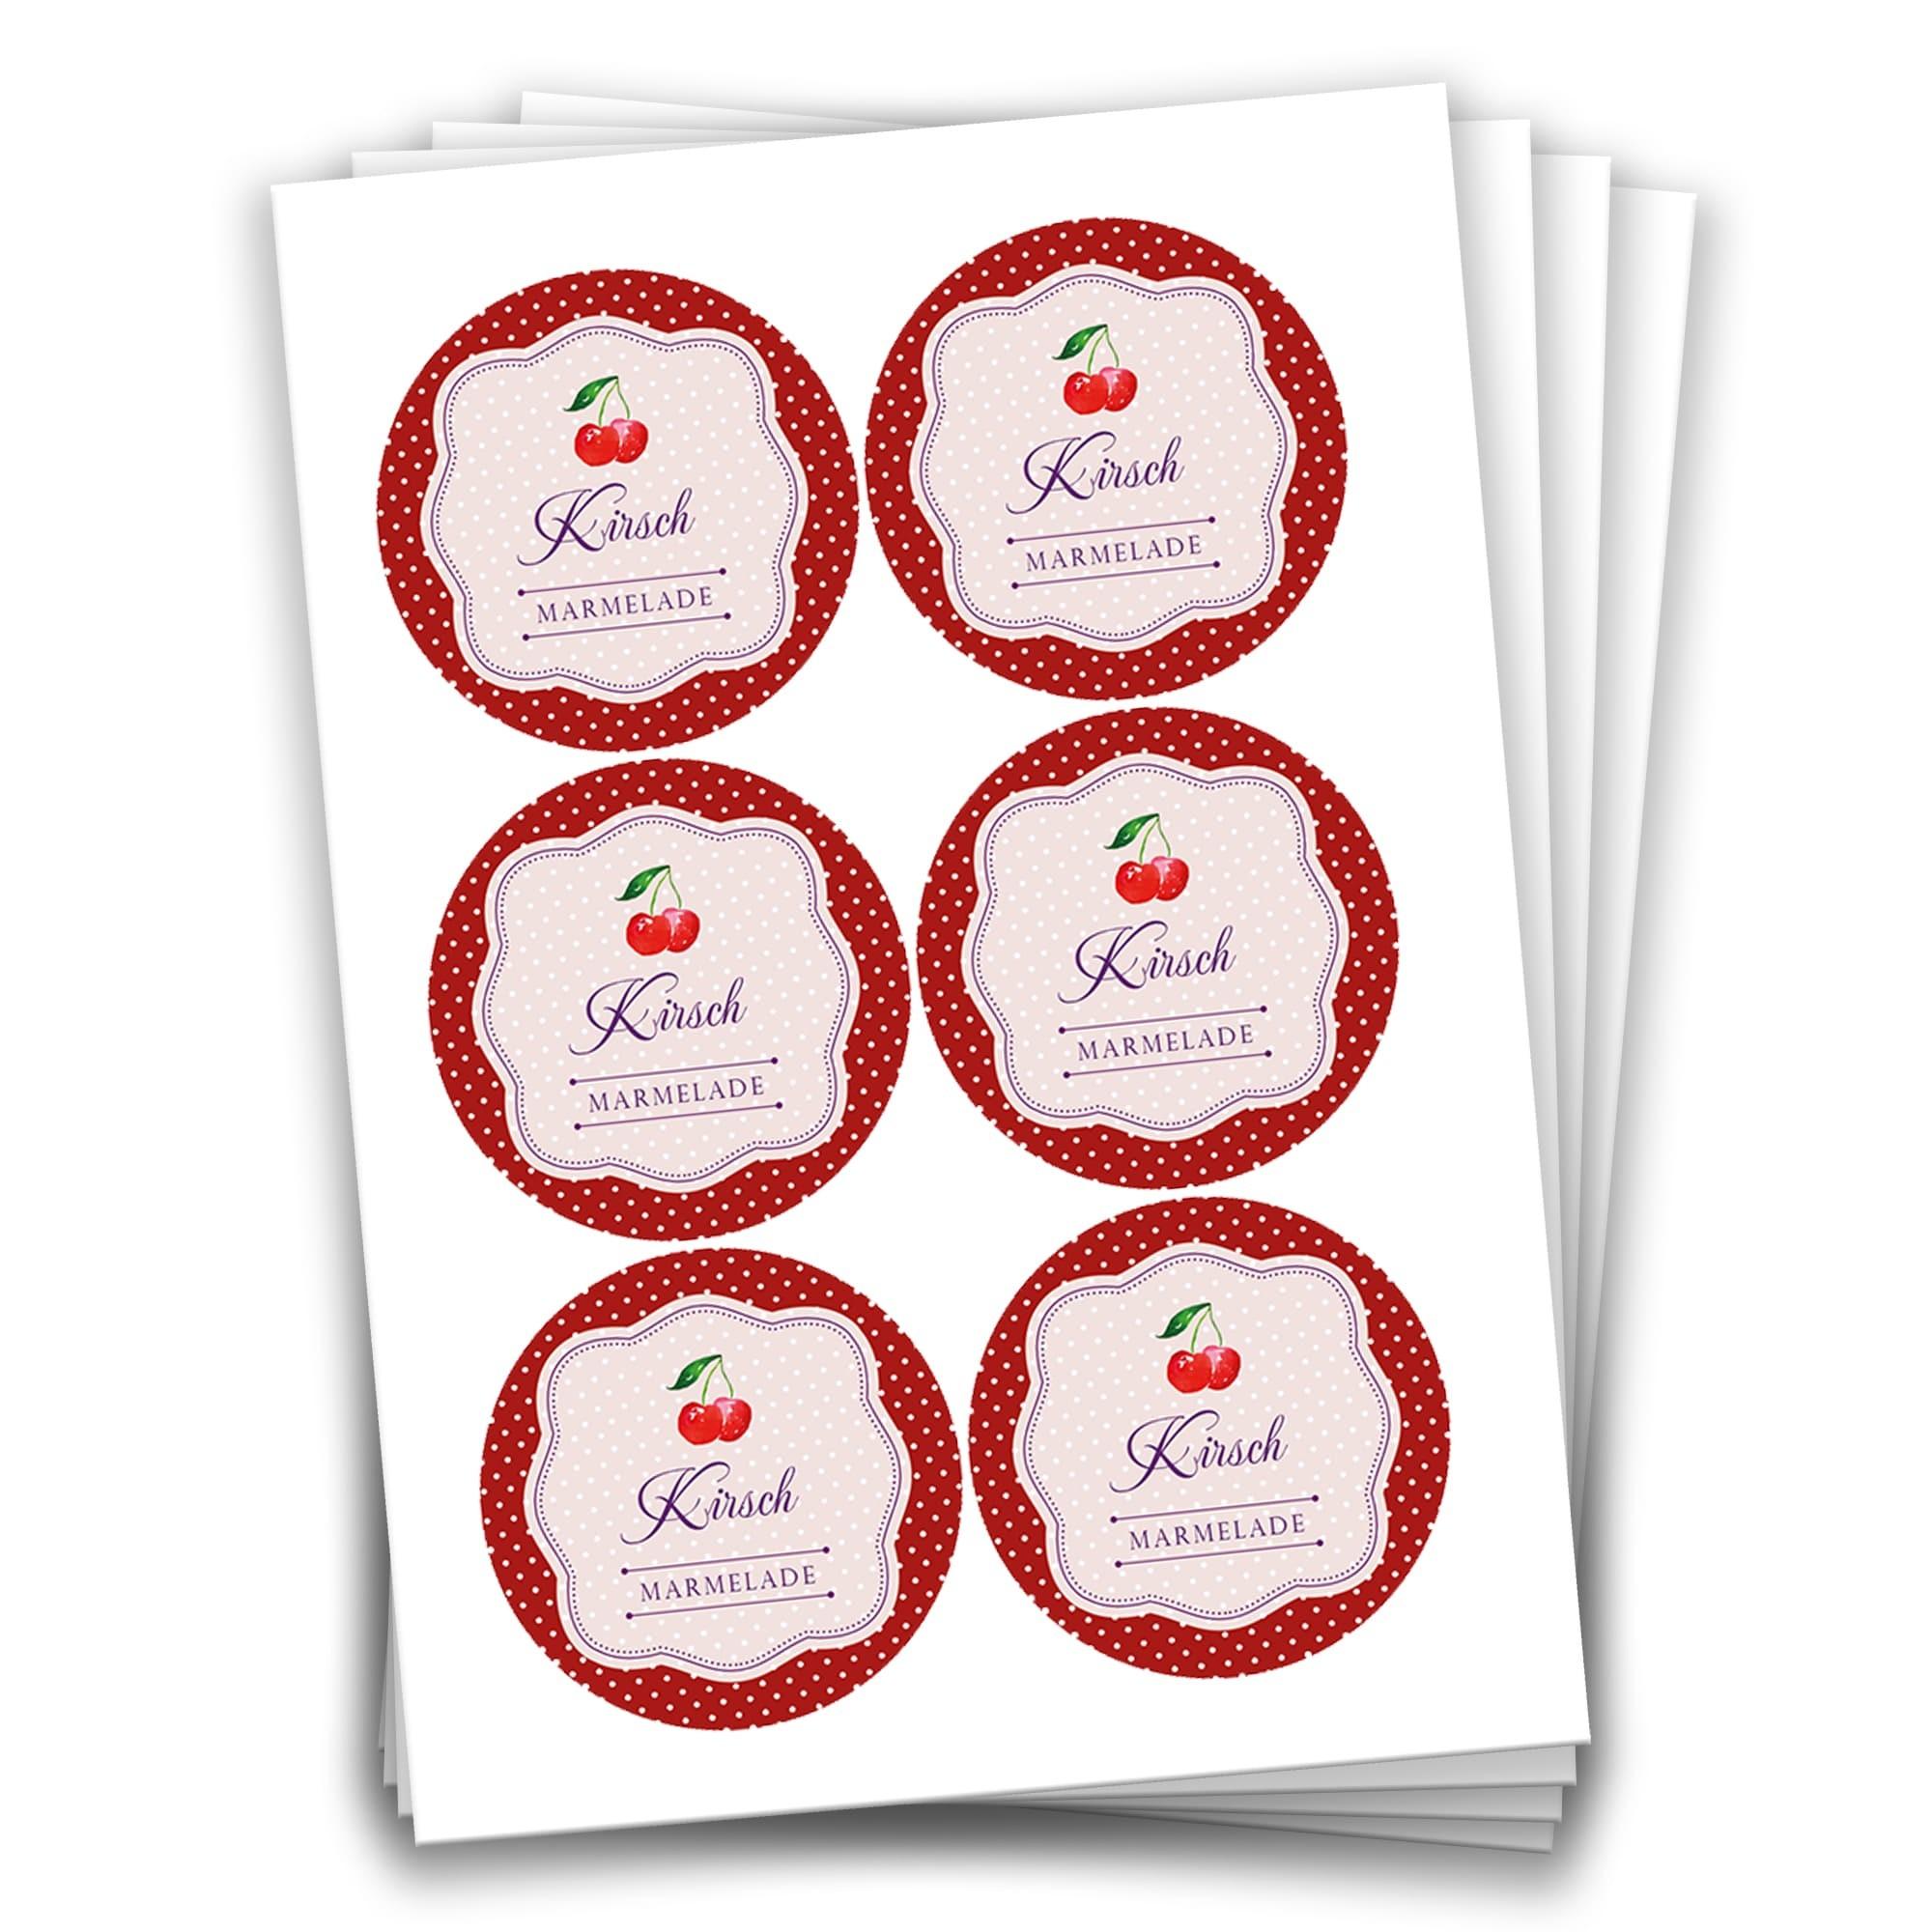 24 Kirsch Marmeladensticker Design 14 Aufkleber 4 Cm Für Selbstgemachte Marmelade Zum Basteln Und Dekorieren